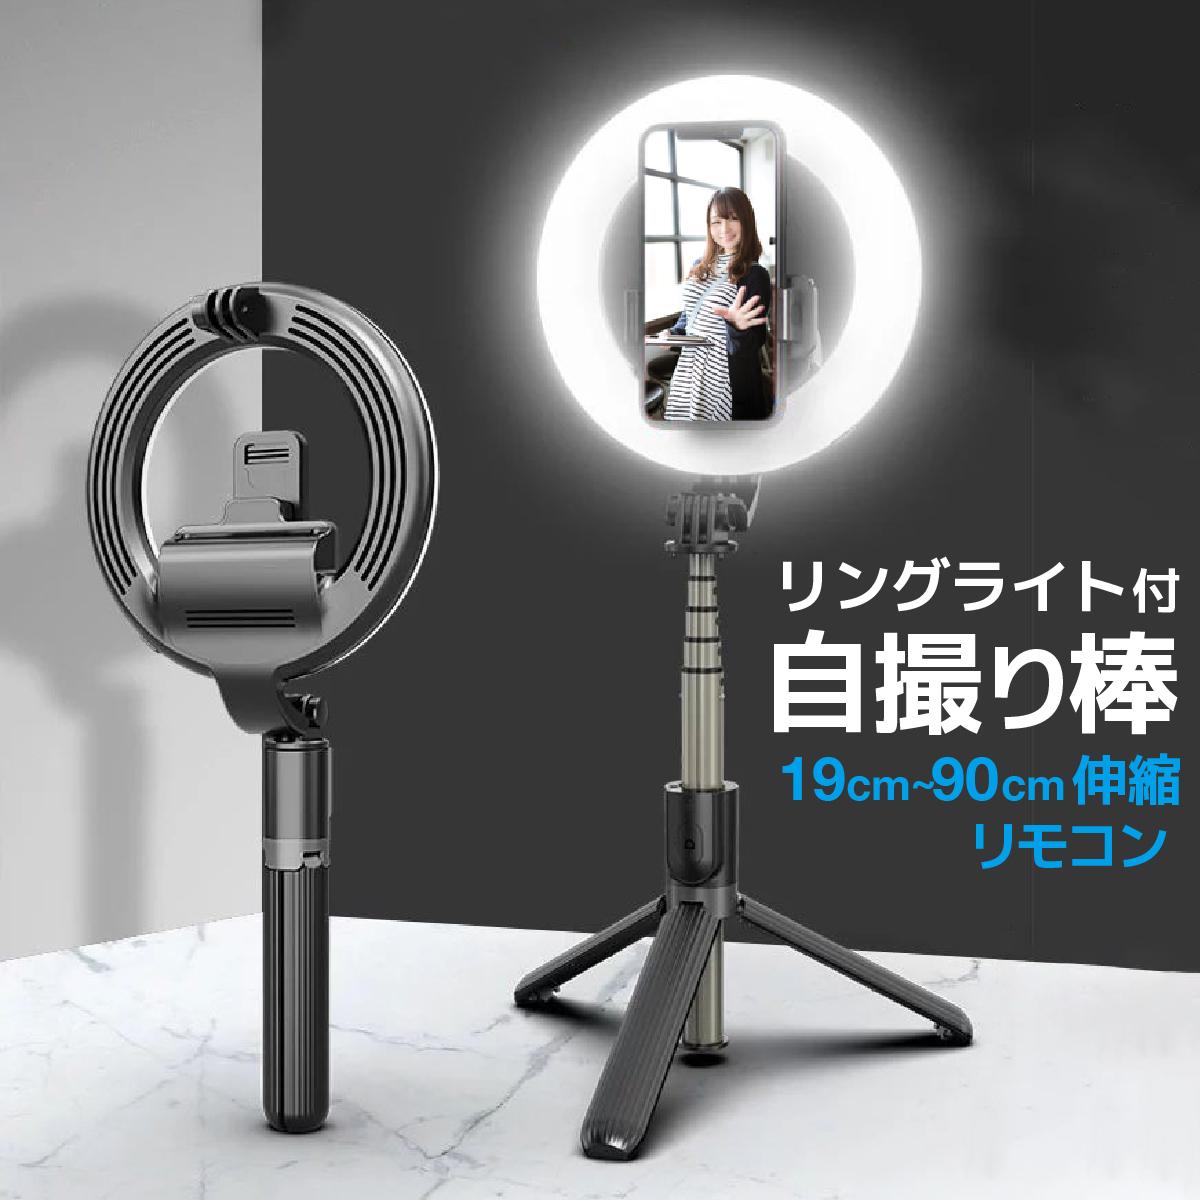 メール便送料無料 日本語説明書付き 室内写真 フリマなどの商品撮影に最適 自撮り棒 LEDリングライト付き 三脚スタンド 360度 Bluetooth リモコン付き ワイヤレス 持ち運びに便利 三脚付き セルカ棒 ライト付き リングライト スマホ ライブ セルフィースティック 多機能化粧 スタンドライト 3色モード付 LED 流行 3段階調光 リモコン 撮影照明用 生放送 ライト iPhone マート 防災 軽量 定型外便送料無料 動画 Android